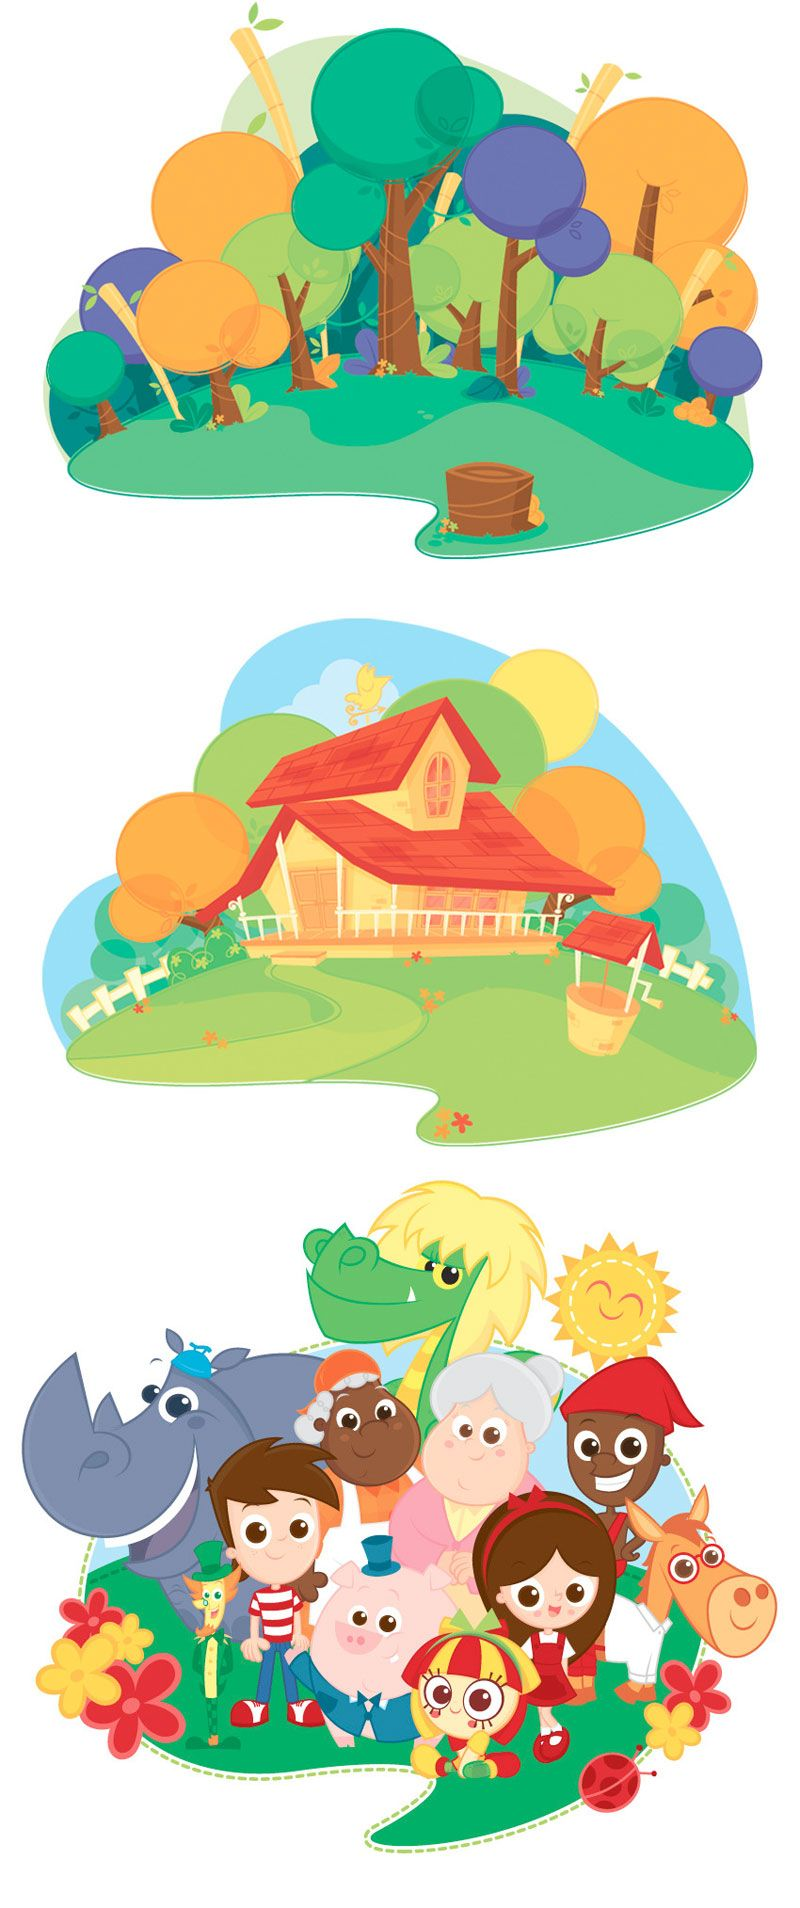 Sitio 04 Mais Sitio Picapau Amarelo Sitio Do Picapau Desenhos